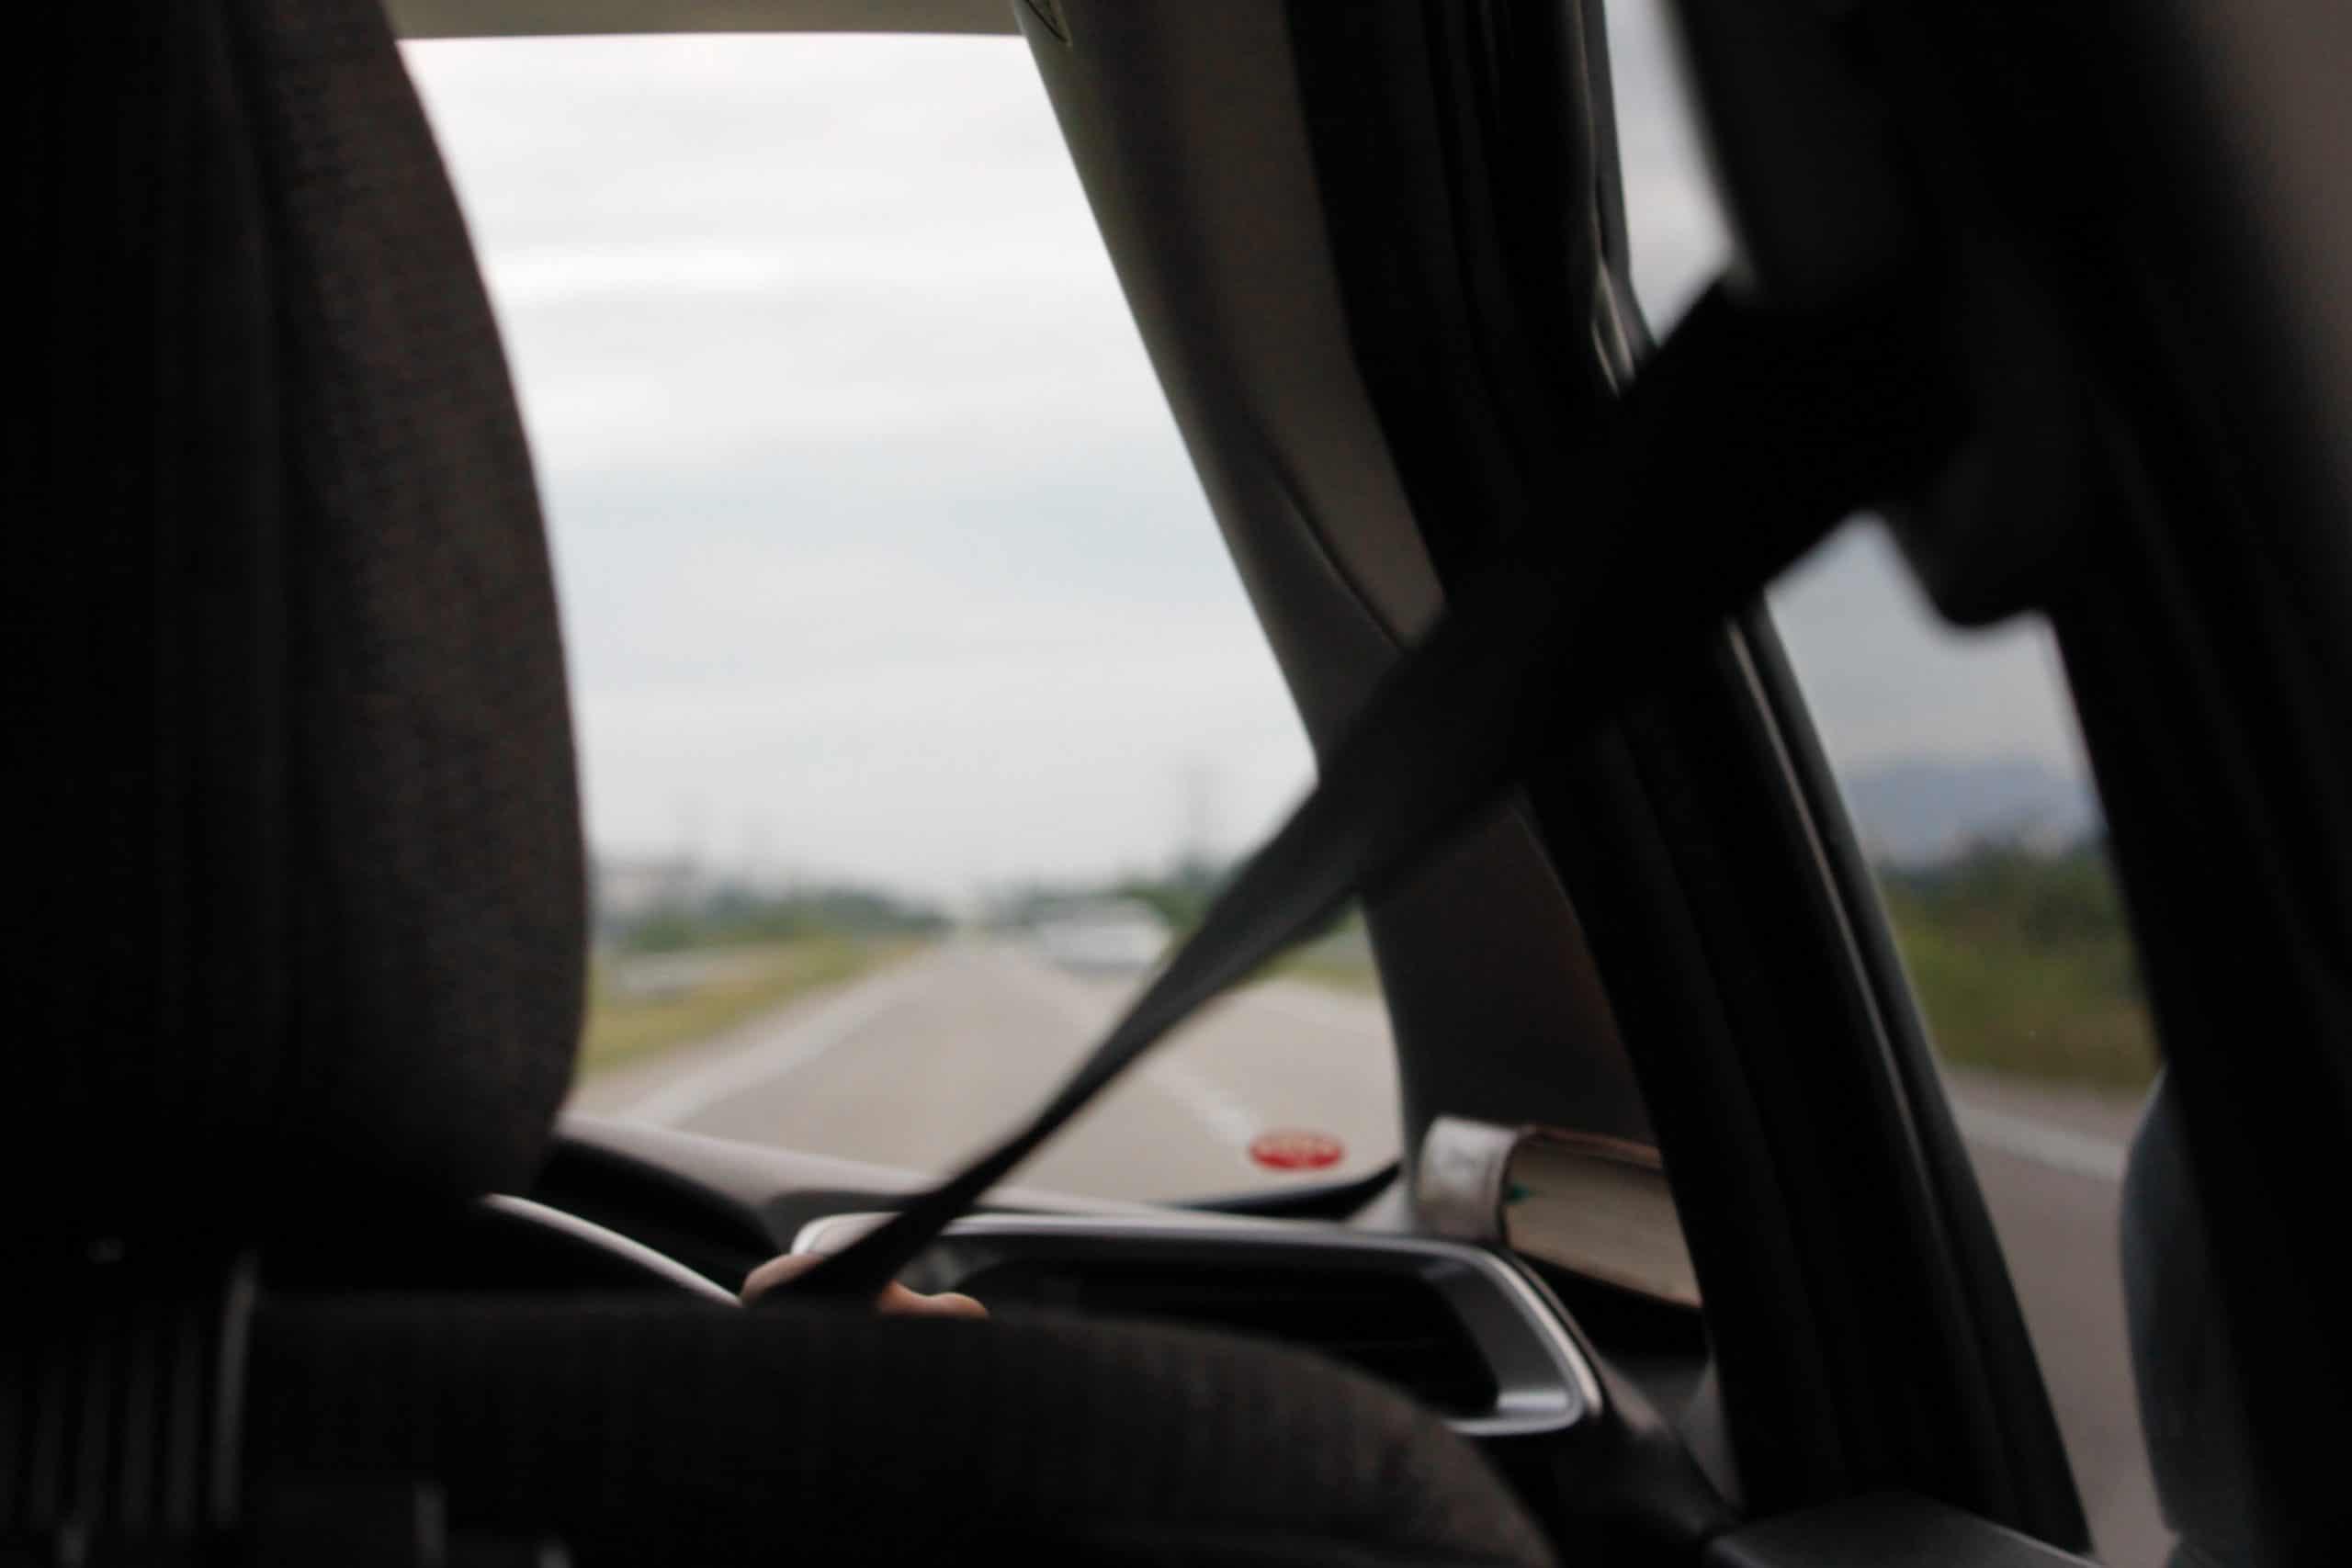 seat belts in car